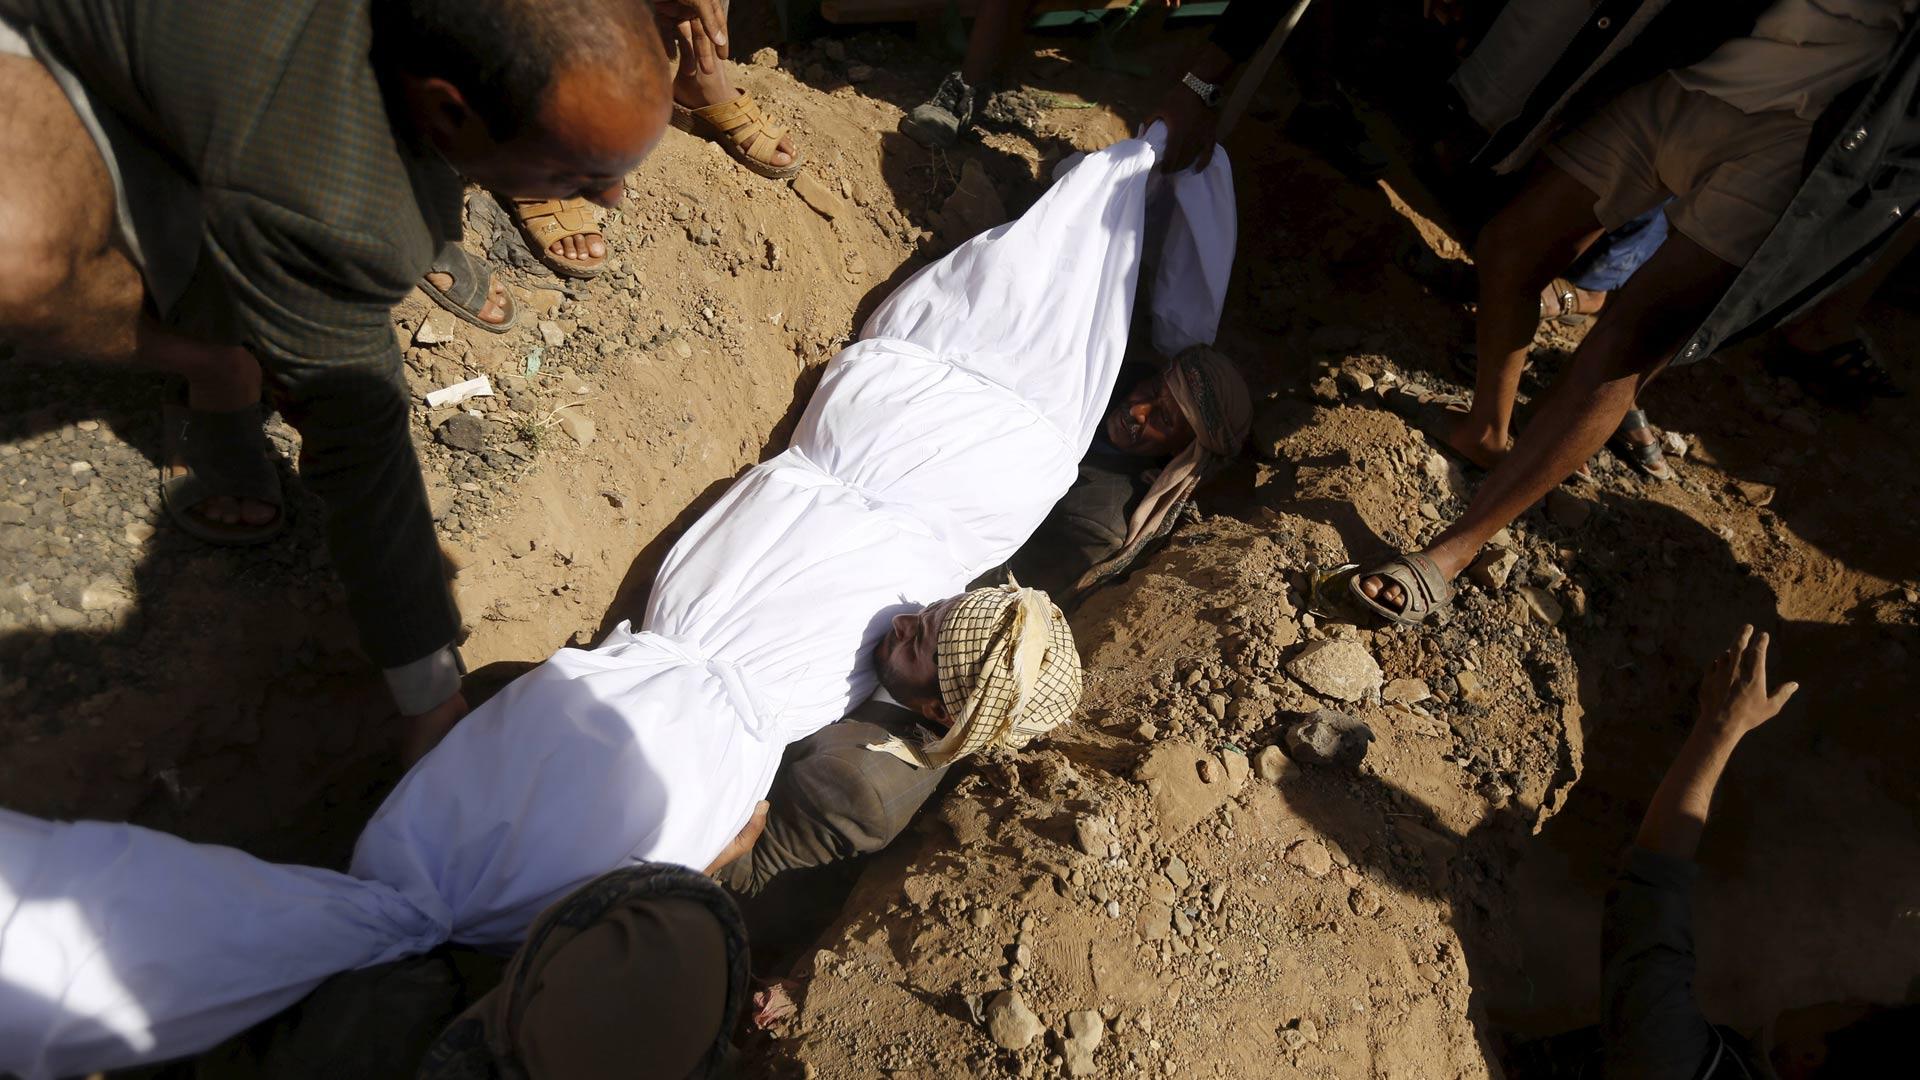 El atentado ocurrió cuando los fieles salían del tradicional rezo del viernes. Fallecieron tres personas